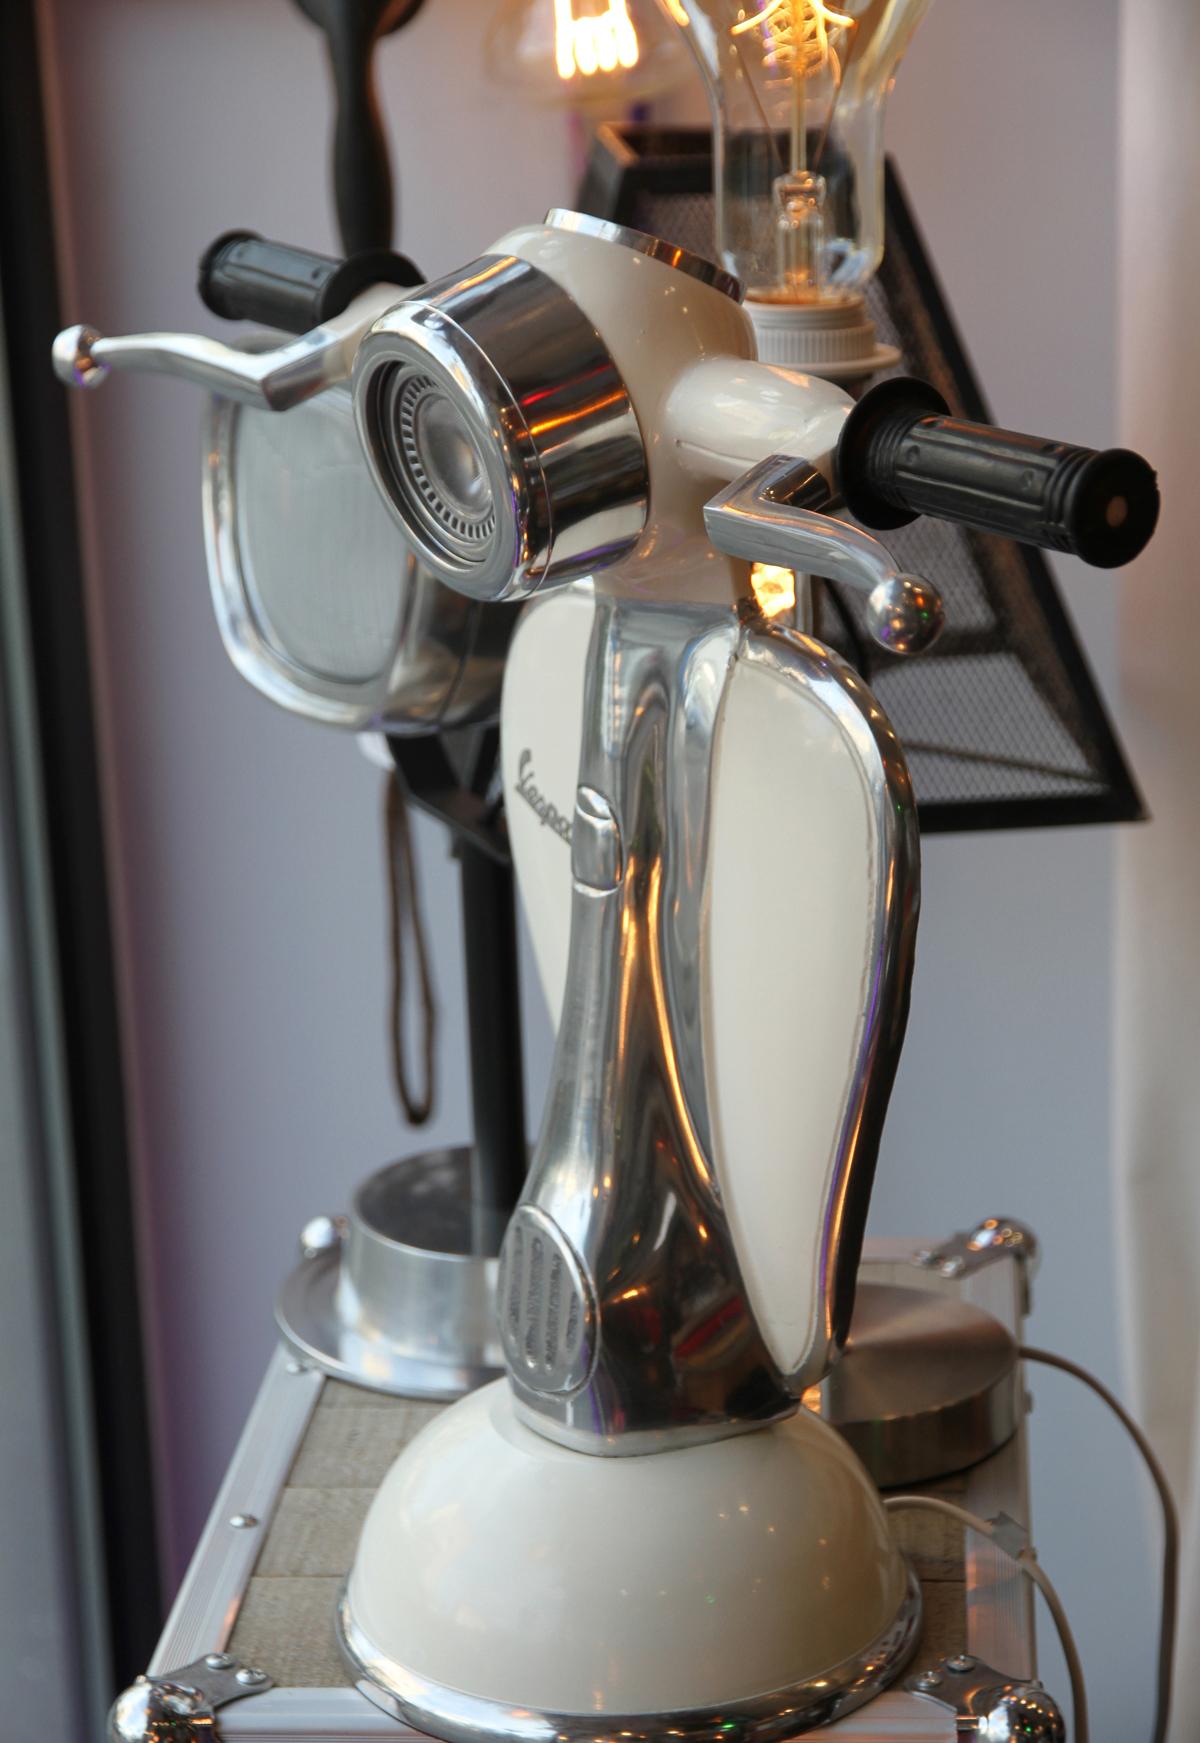 165€ Led De Lampe Vespa Le Rouen Buzz 4qRj35AL